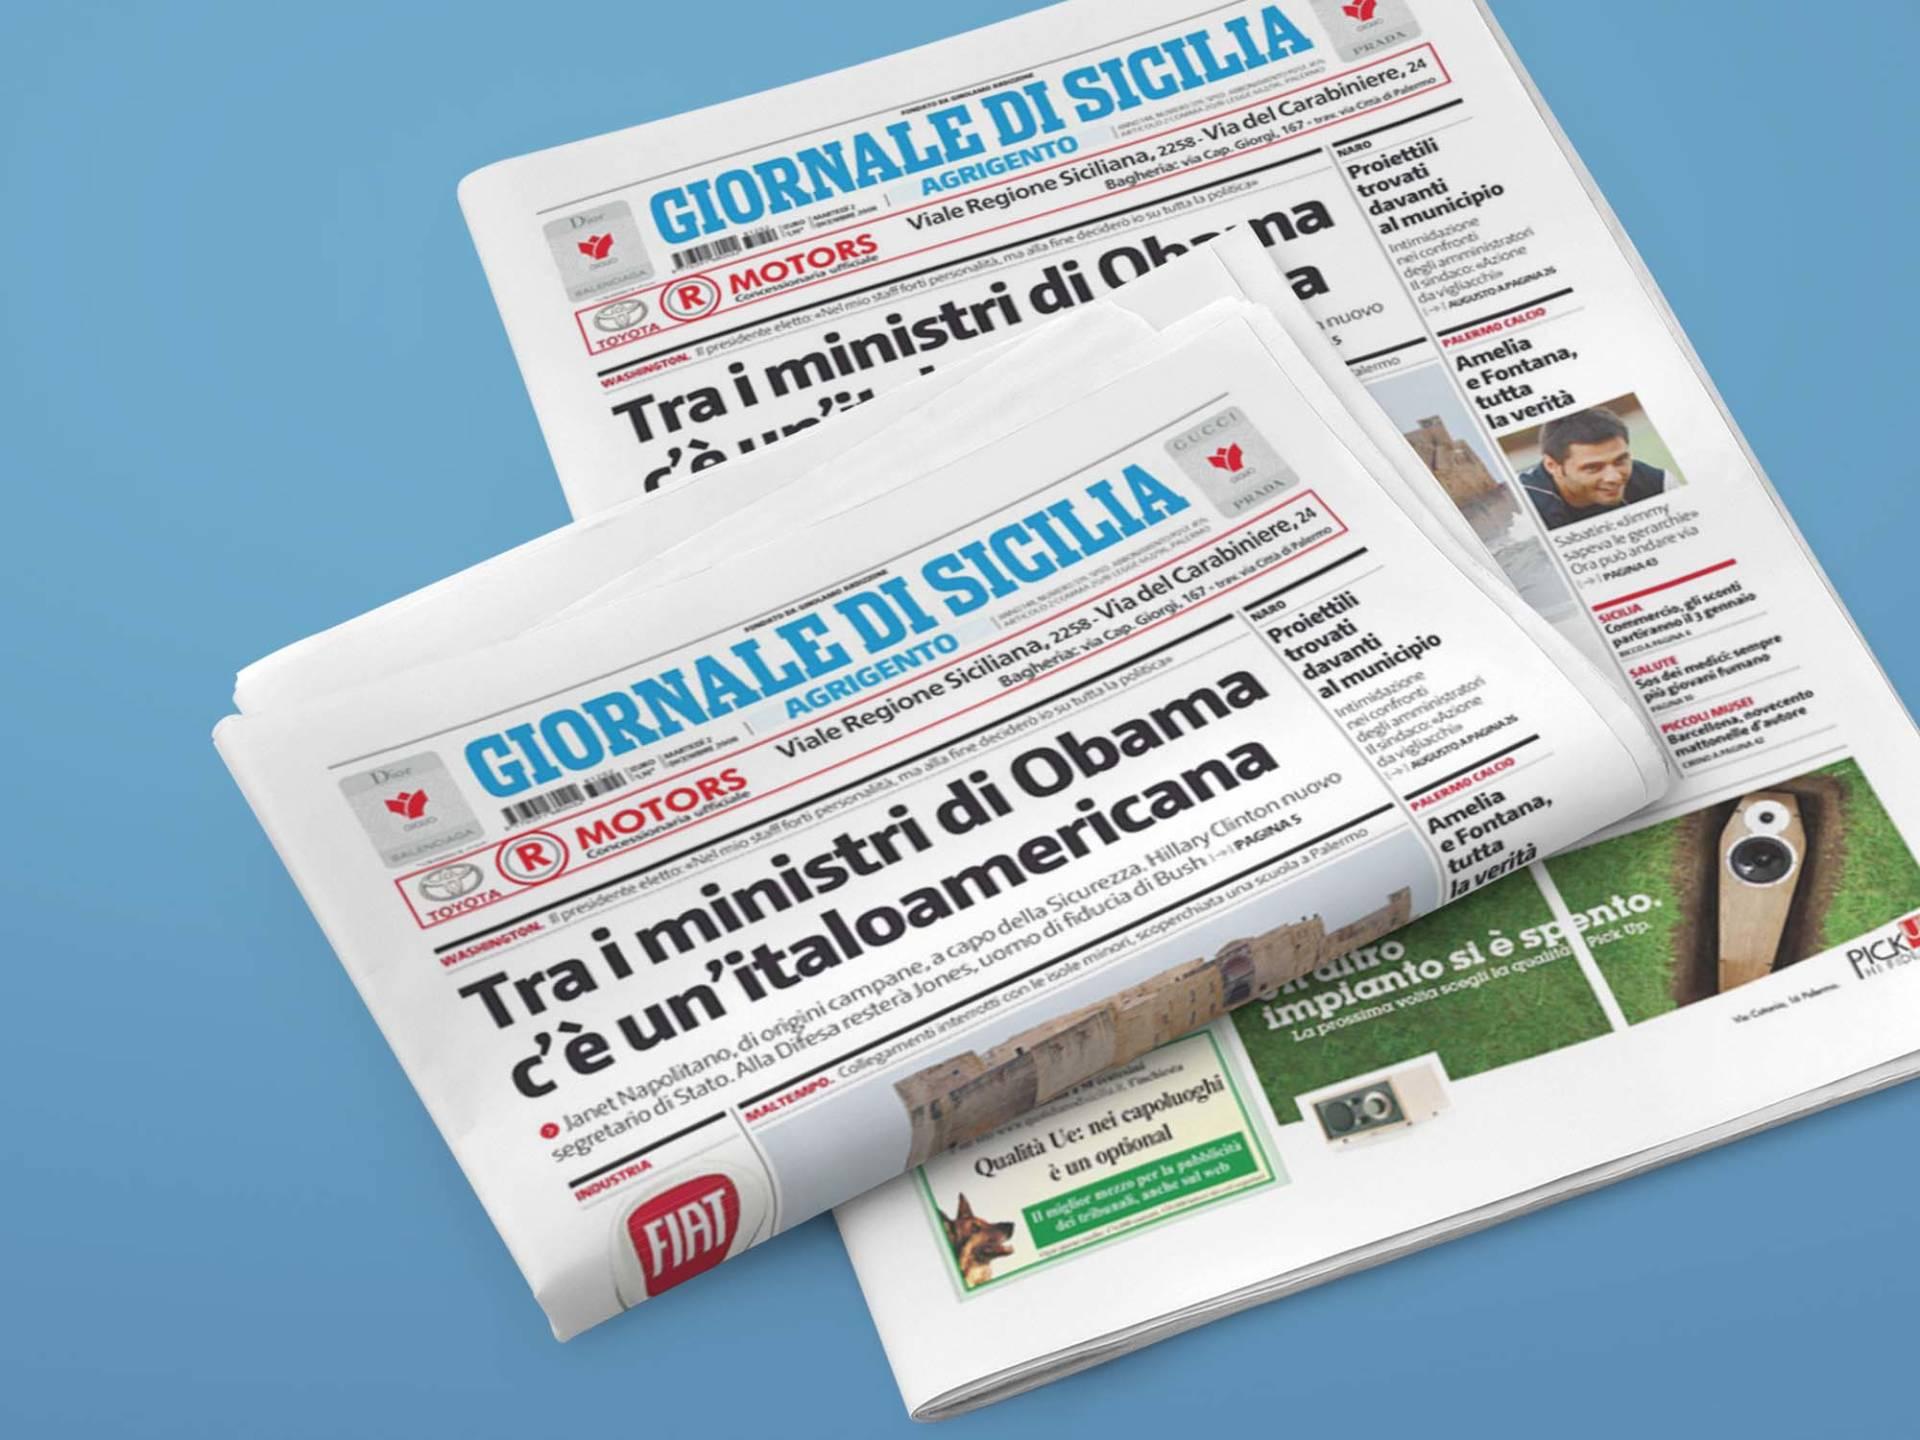 Giornale_di_Sicilia_01_Wenceslau_News_Design